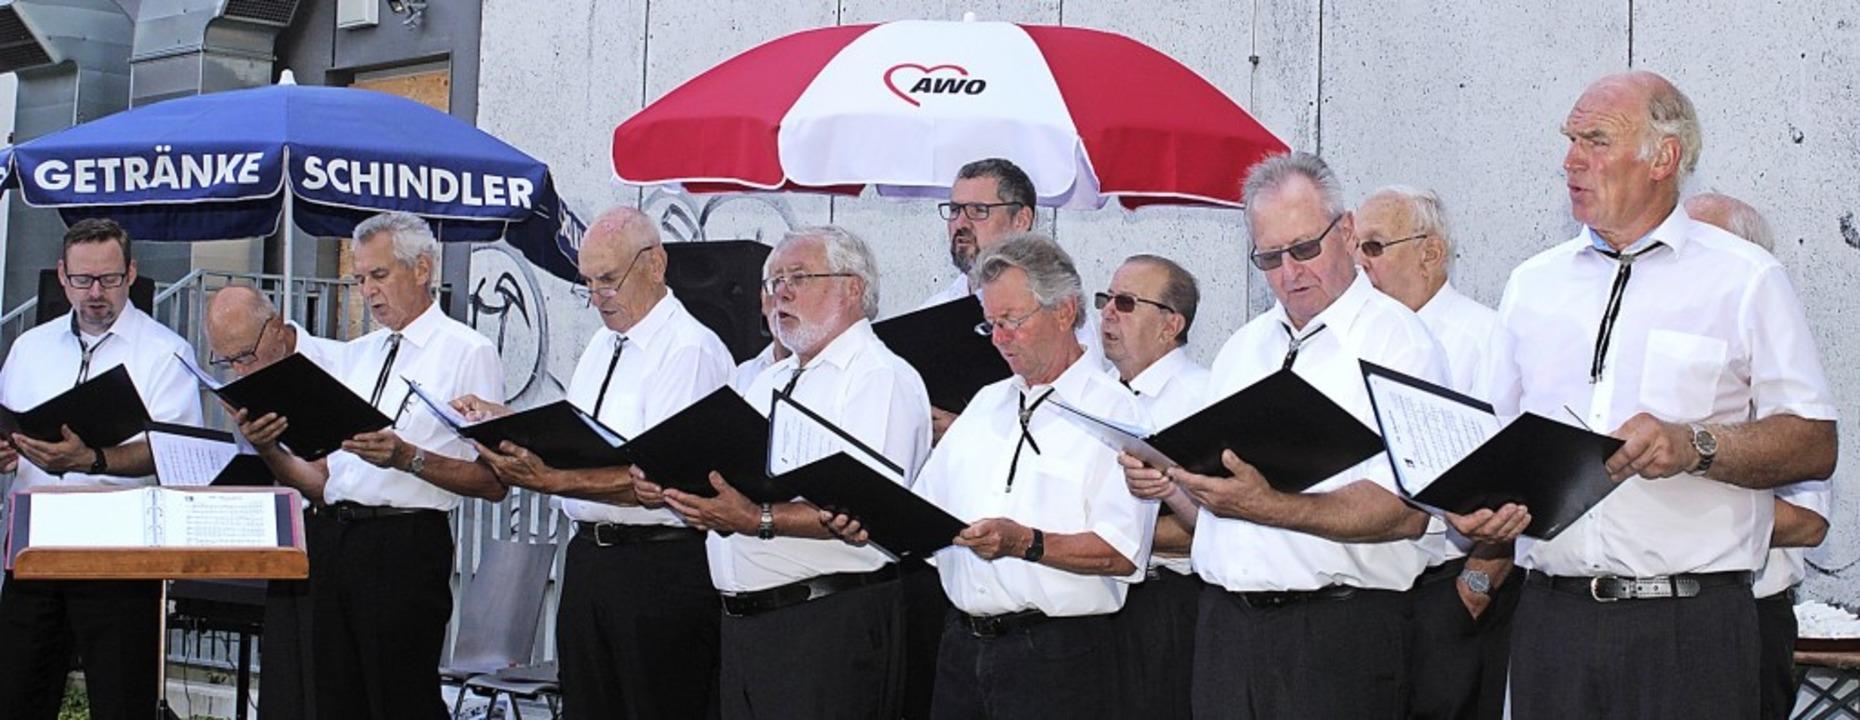 Geburtstagsständchen: Der Männerchor M... trat bei der AWO-Jubiläumsfeier auf.   | Foto: Heiner Fabry